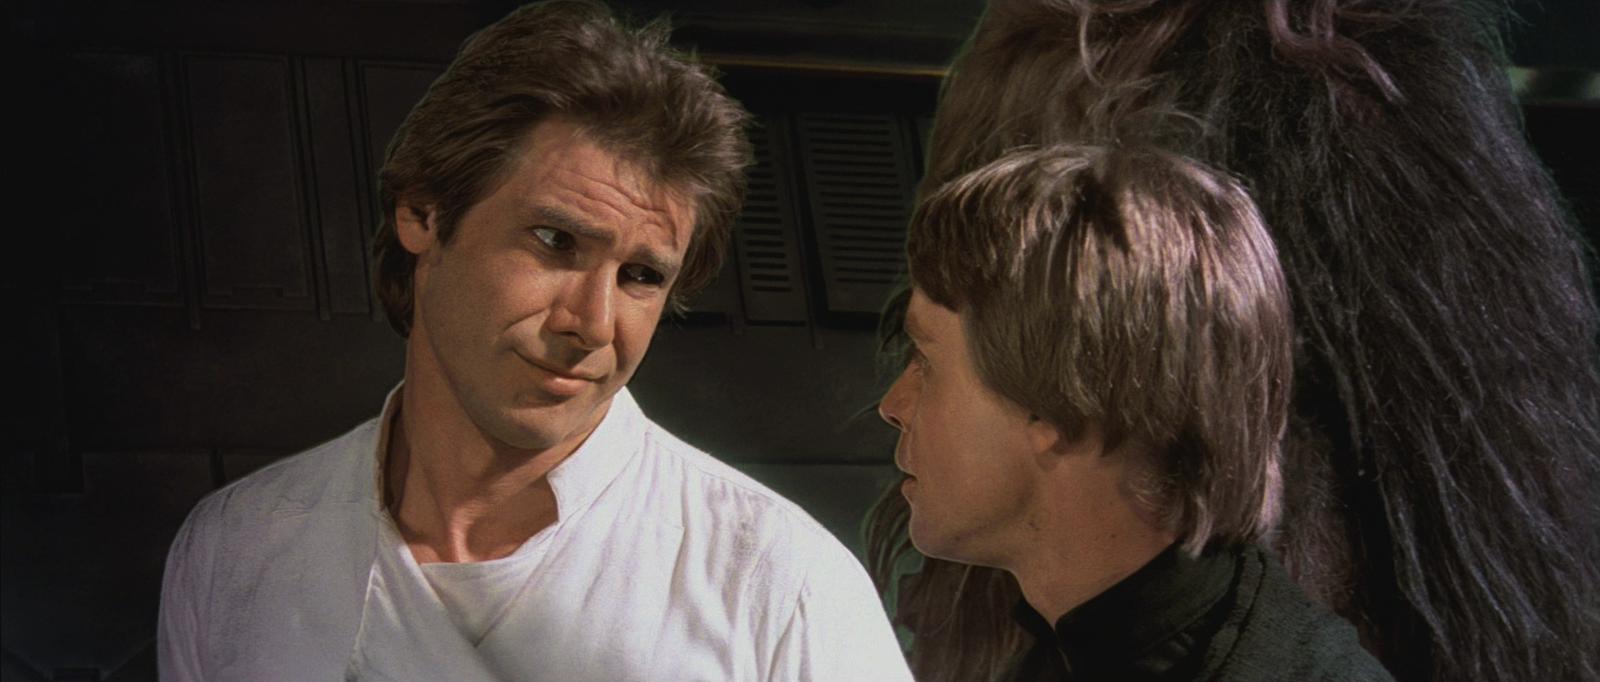 Star Wars Luke Skywalker Han Solo Harrison Ford Wallpaper 1600x682 Download Hd Wallpaper Wallpapertip